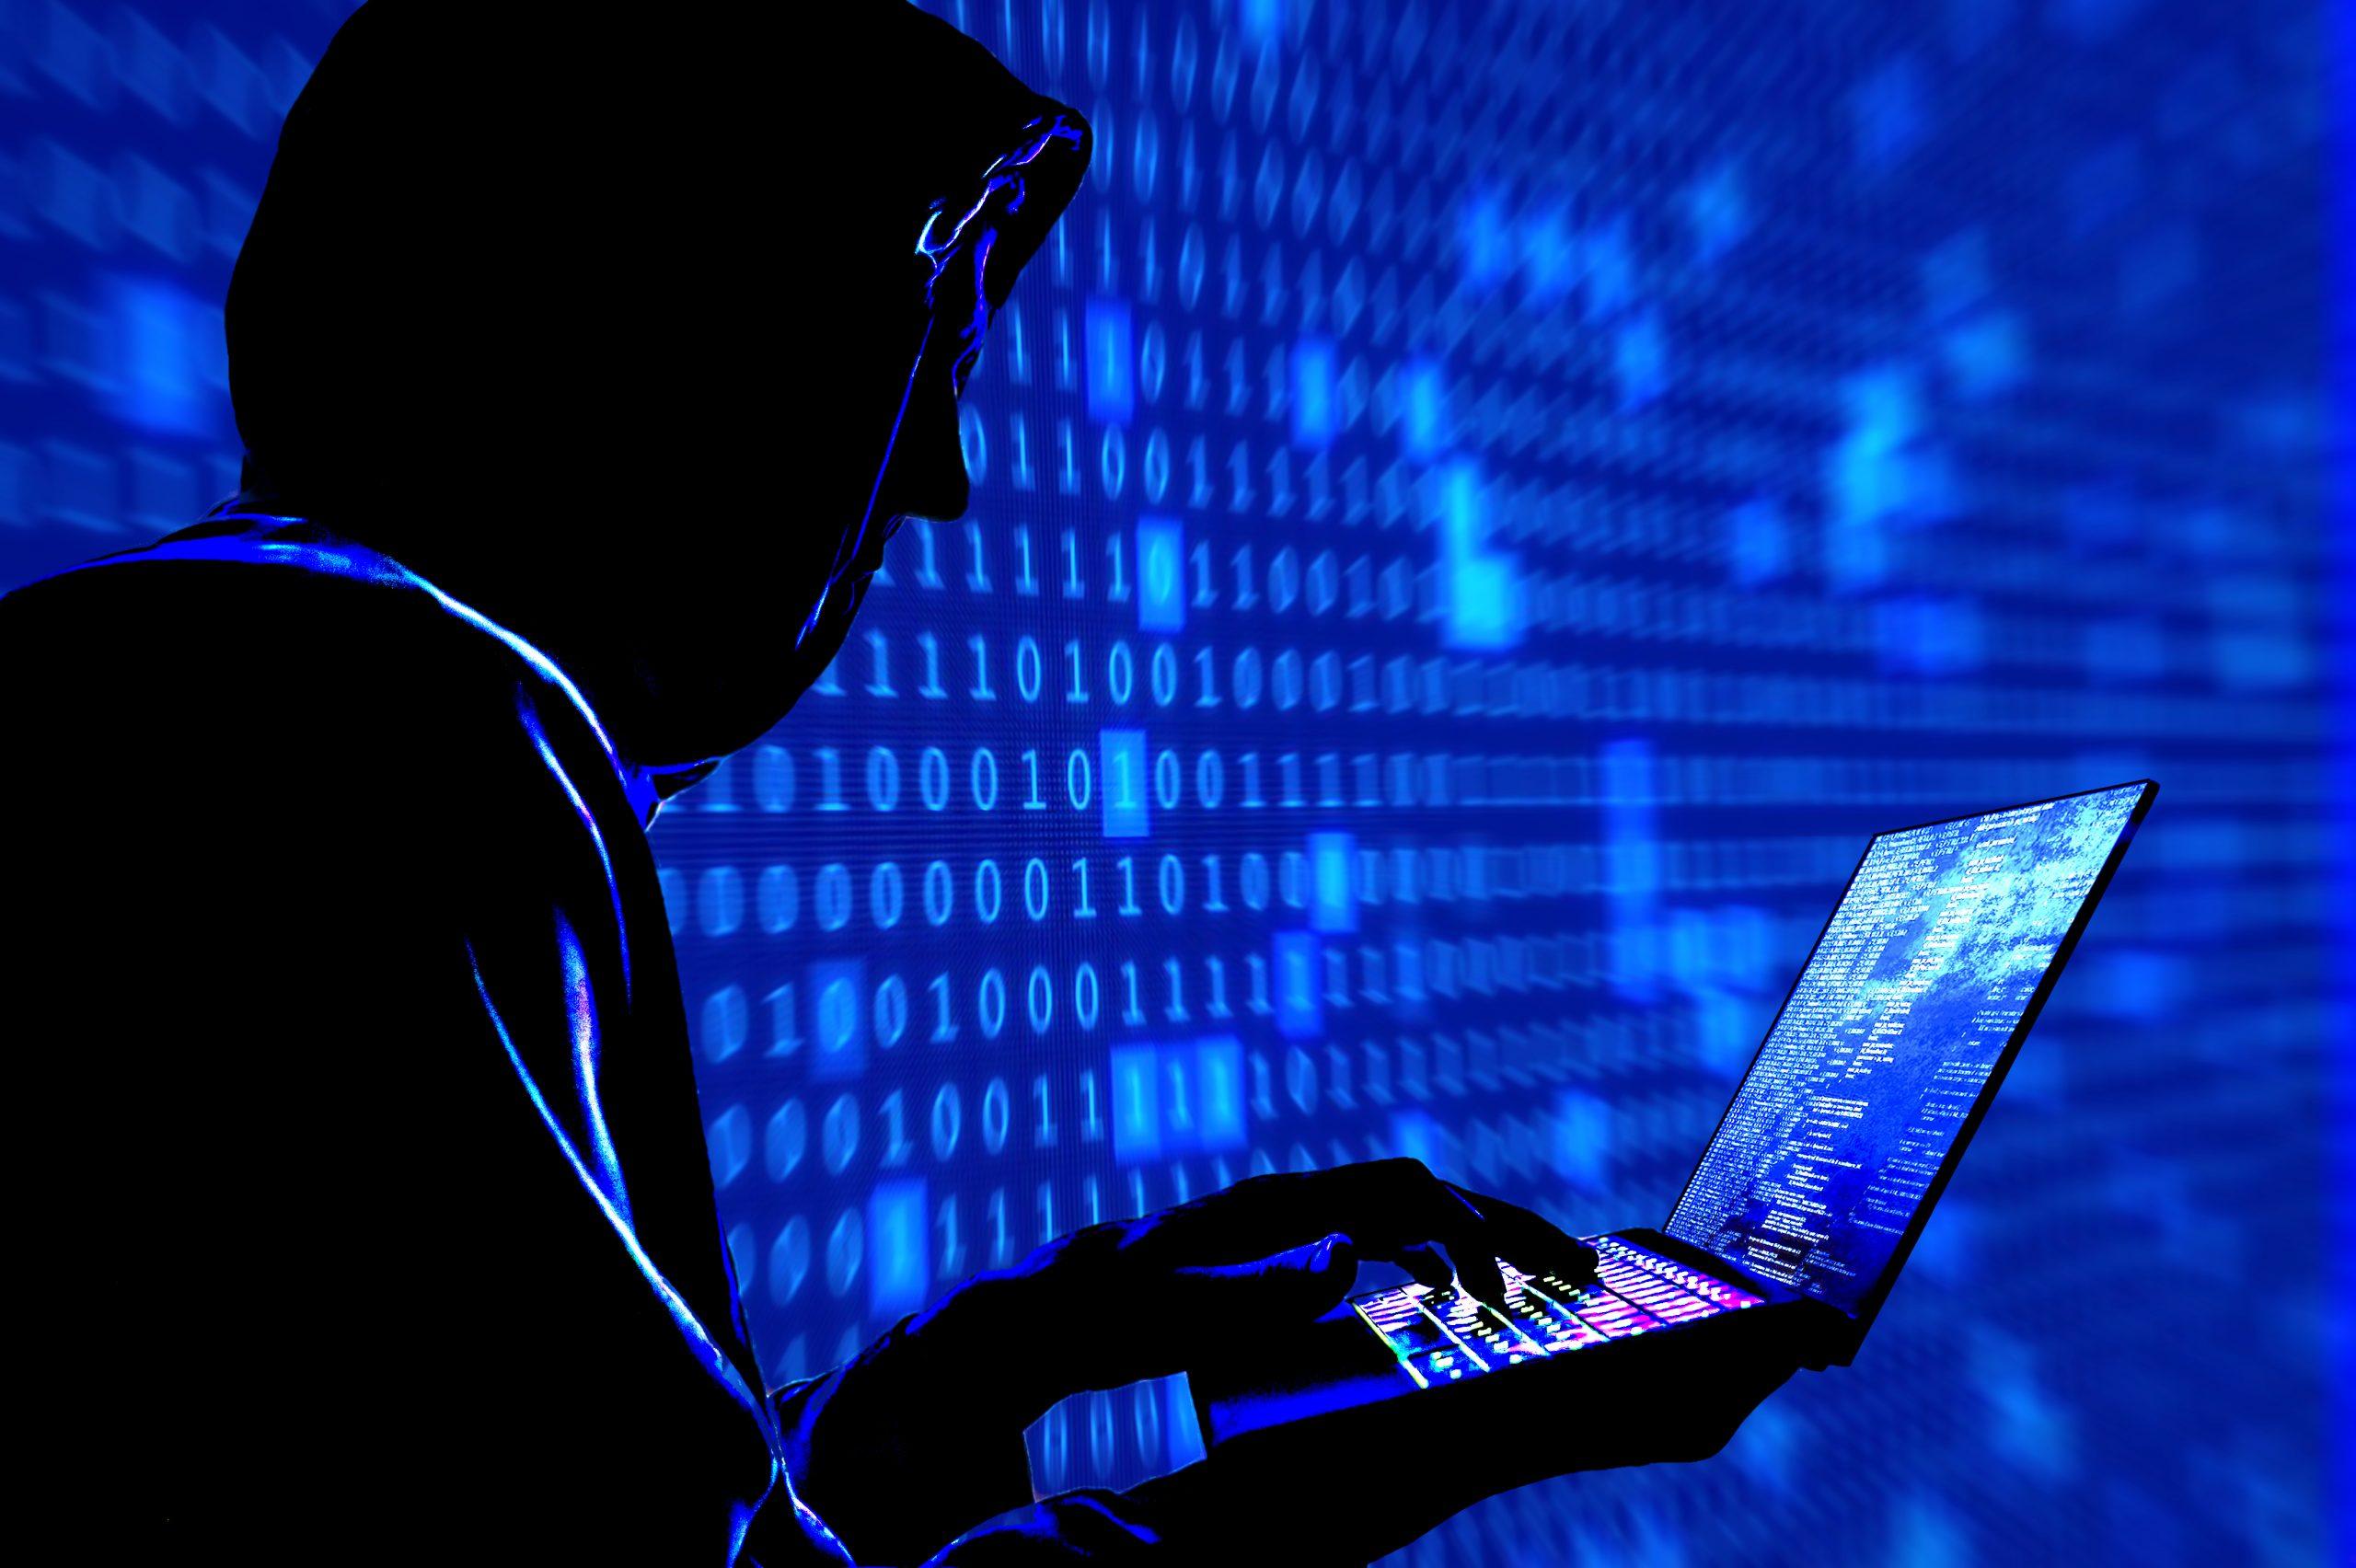 چرا فیسبوک در 4 اکتبر از كار افتاد؟ آیا هک شده بود؟ 1 scaled